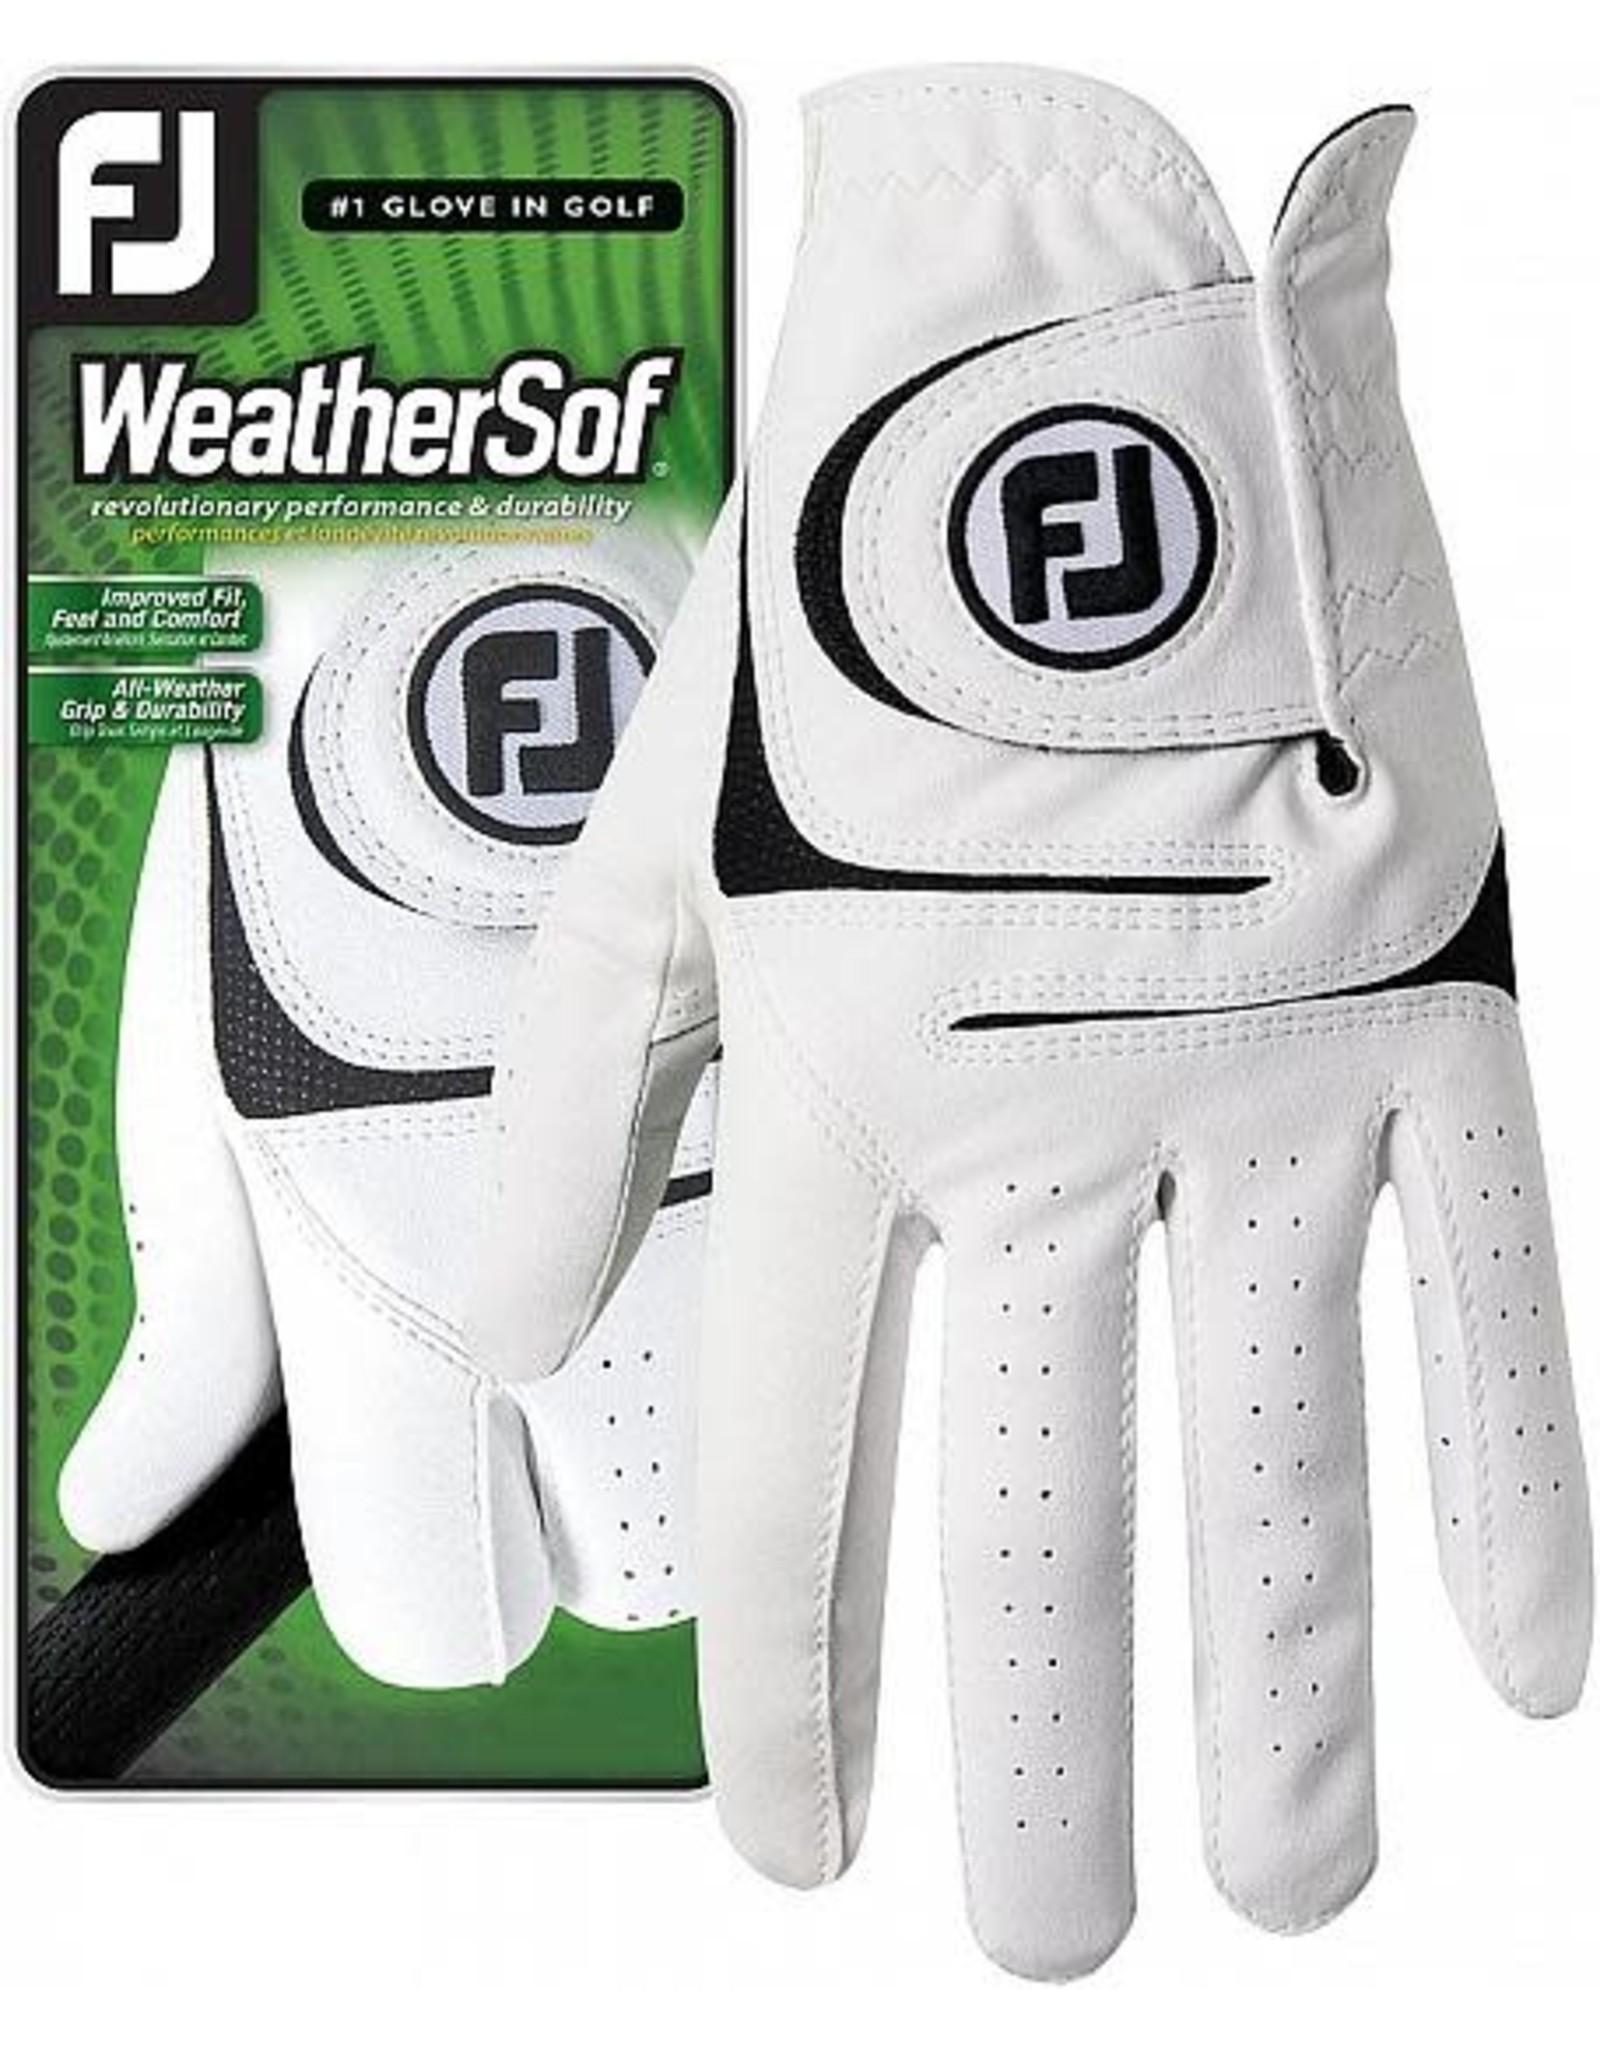 FJ FJ Weathersof Men's Gloves